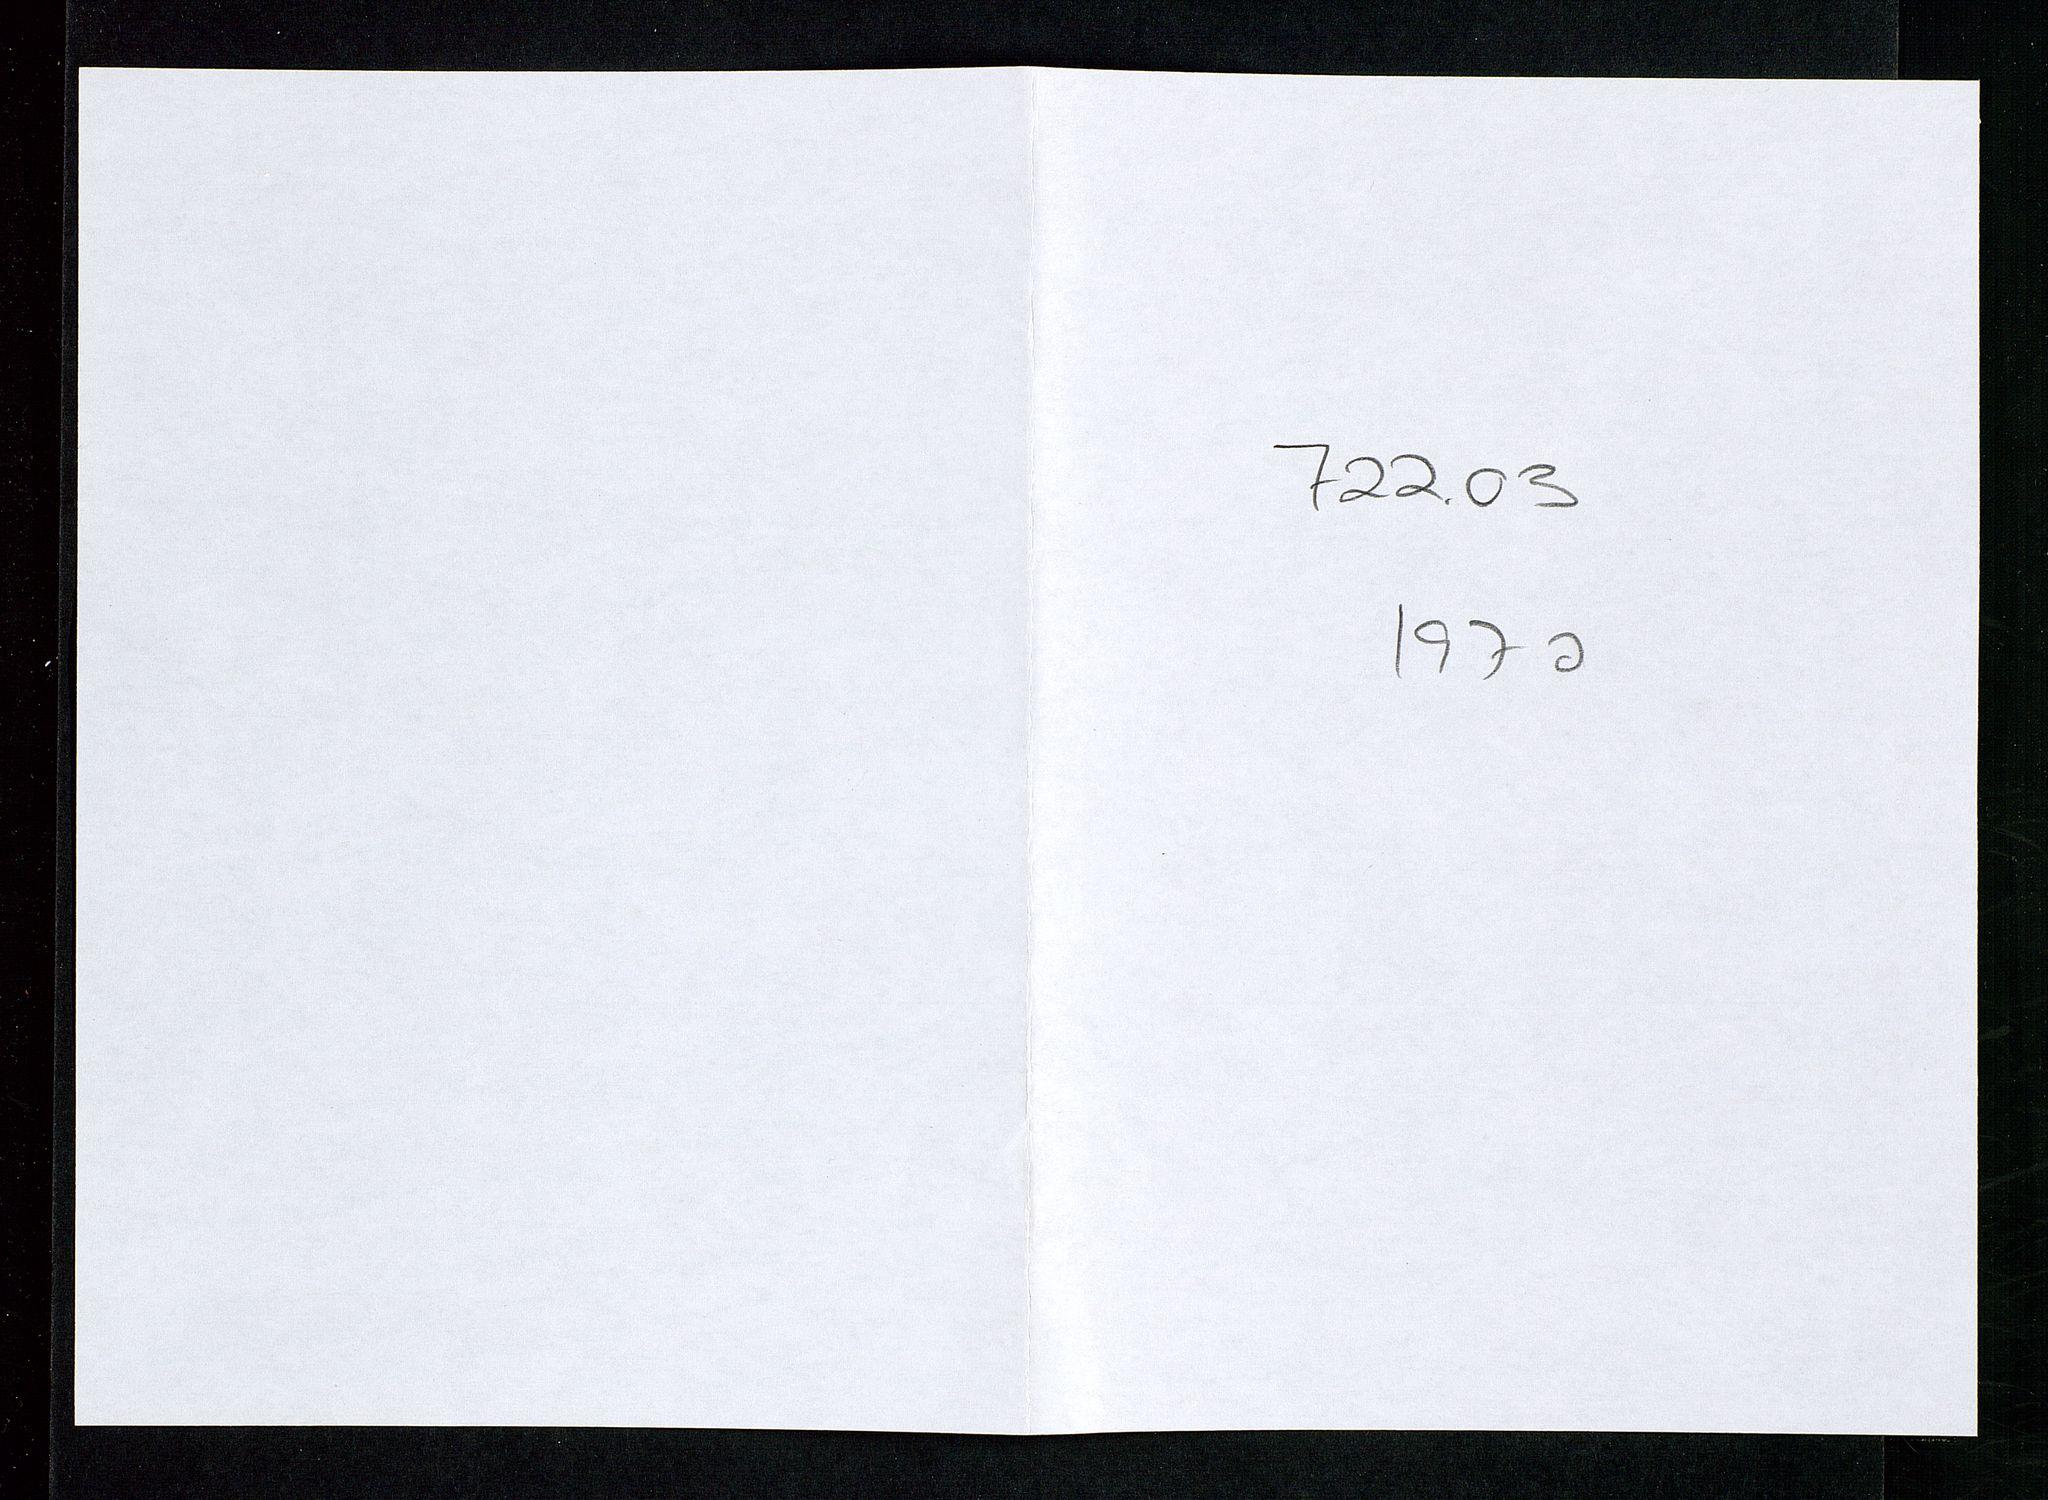 SAST, Industridepartementet, Oljekontoret, Da/L0008:  Arkivnøkkel 721- 722 Geofysikk, forskning, 1970-1972, s. 337